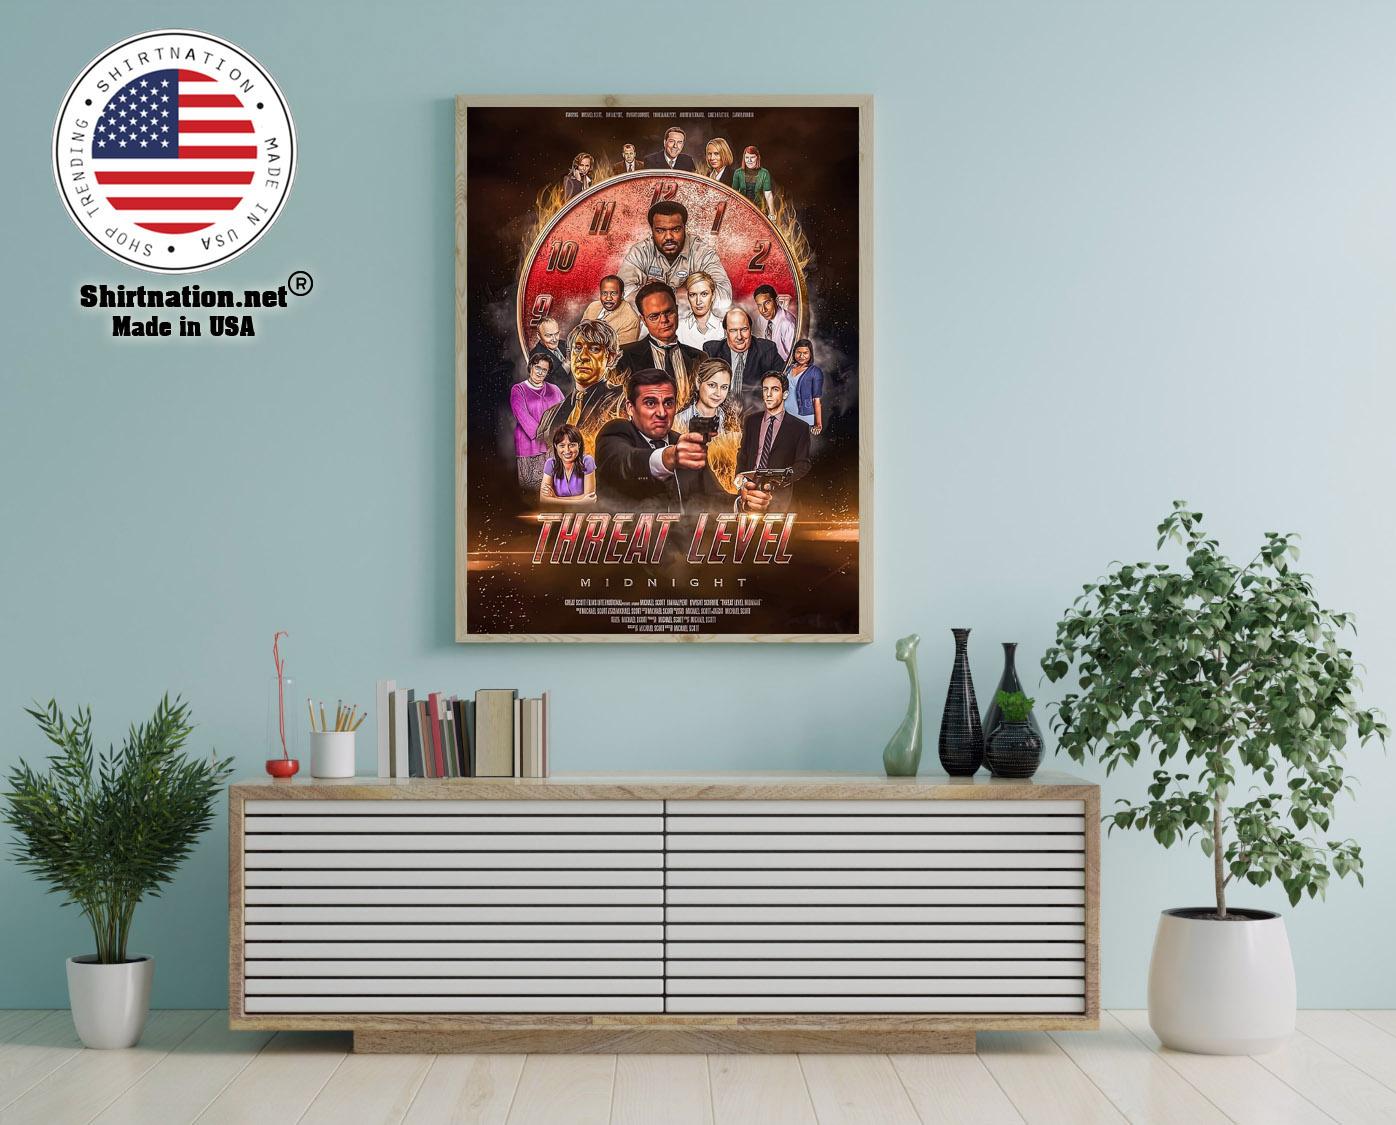 Threat level midnight movie poster 12